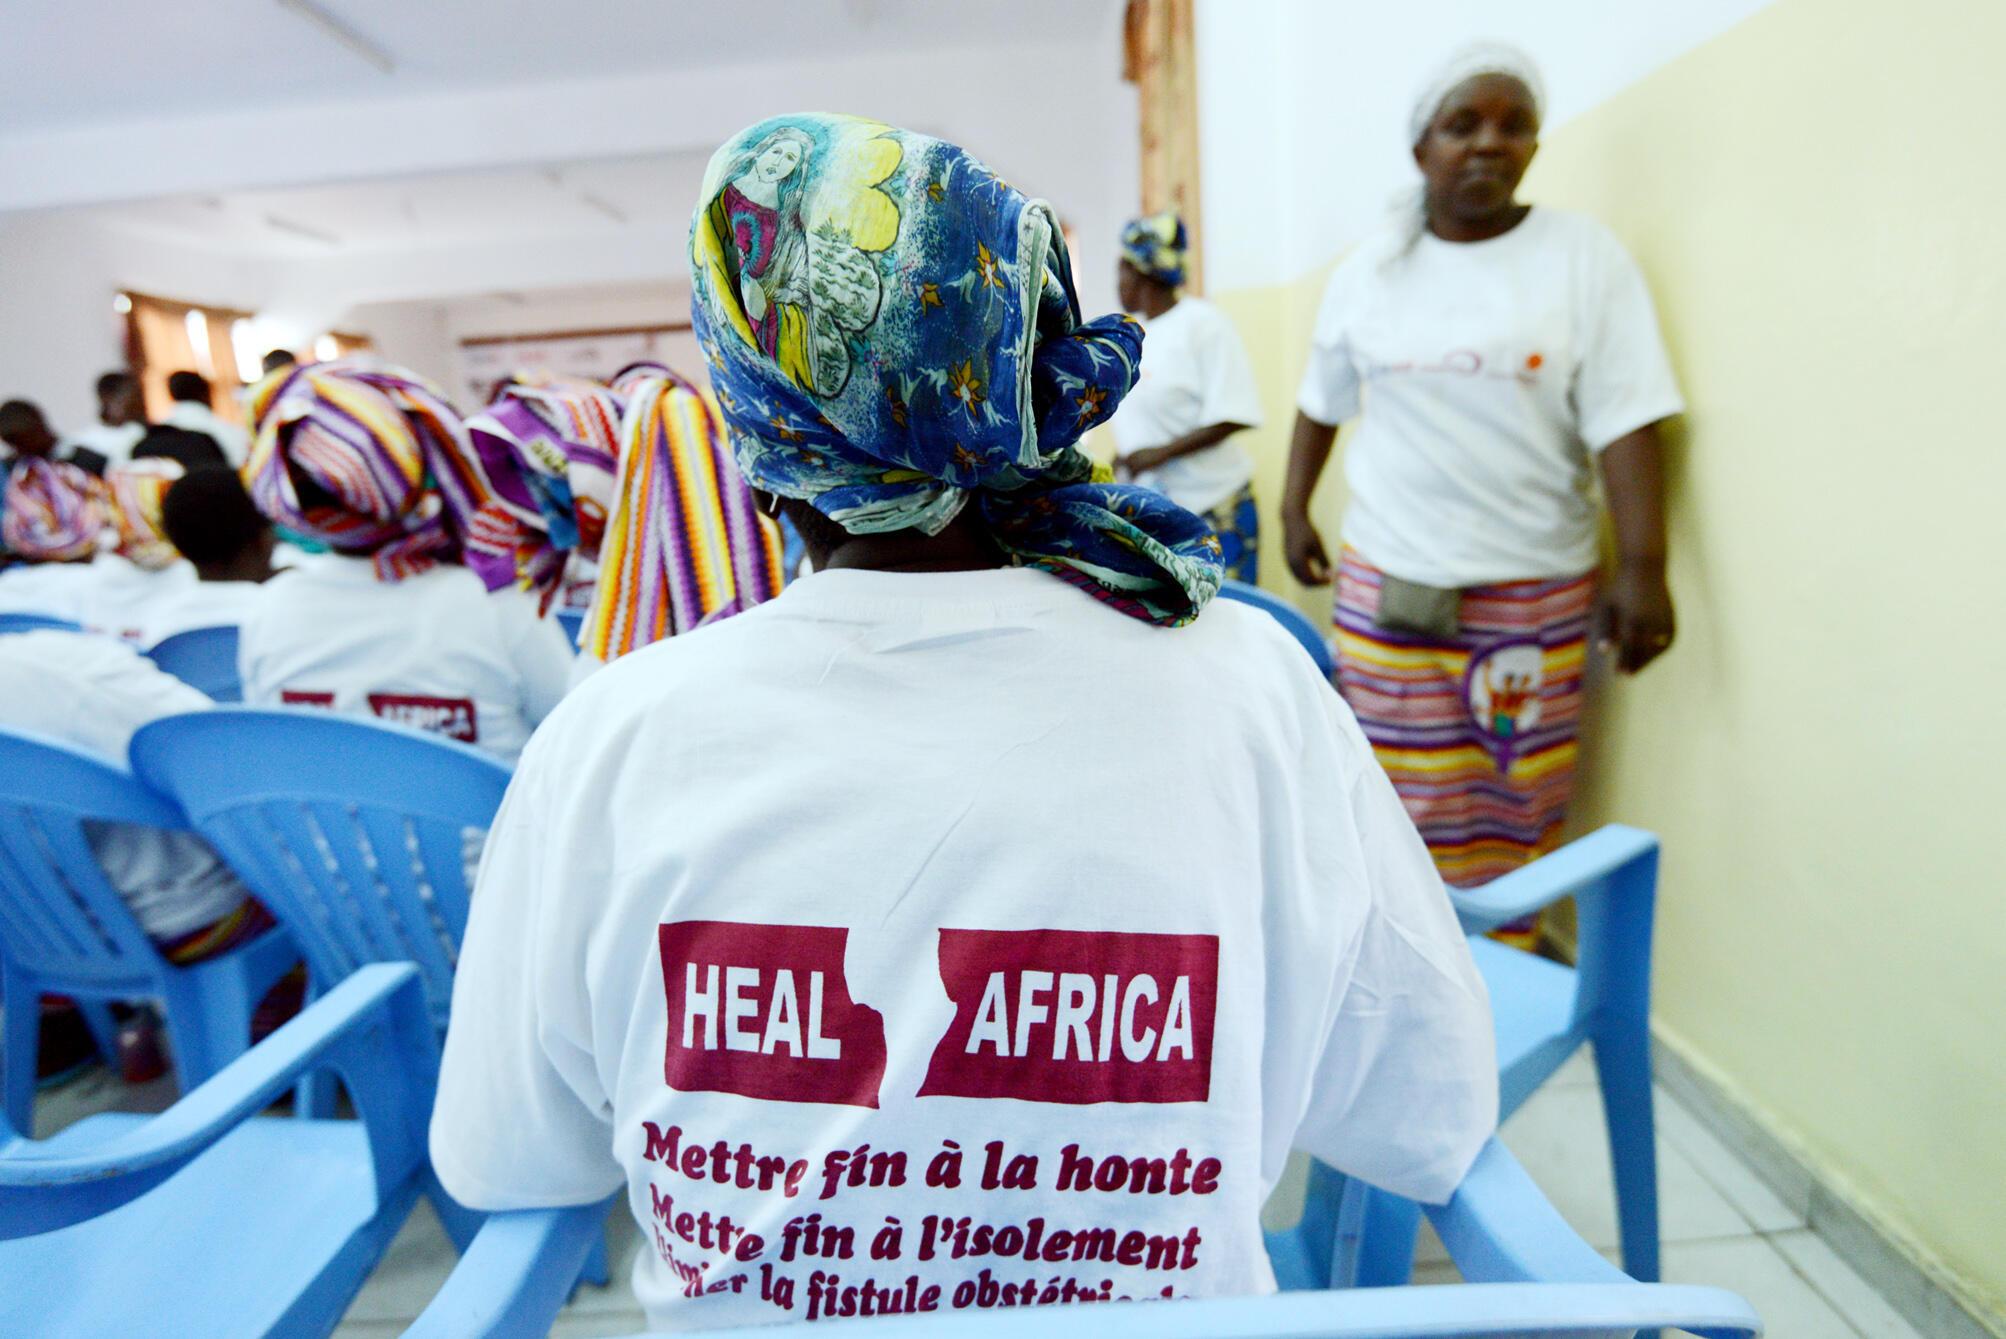 L'hôpital Heal Africa de Goma, en République démocratique du Congo. Les viols massifs commis dans l'est de la RDC sont régulièrement dénoncés mais rarement condamnés.